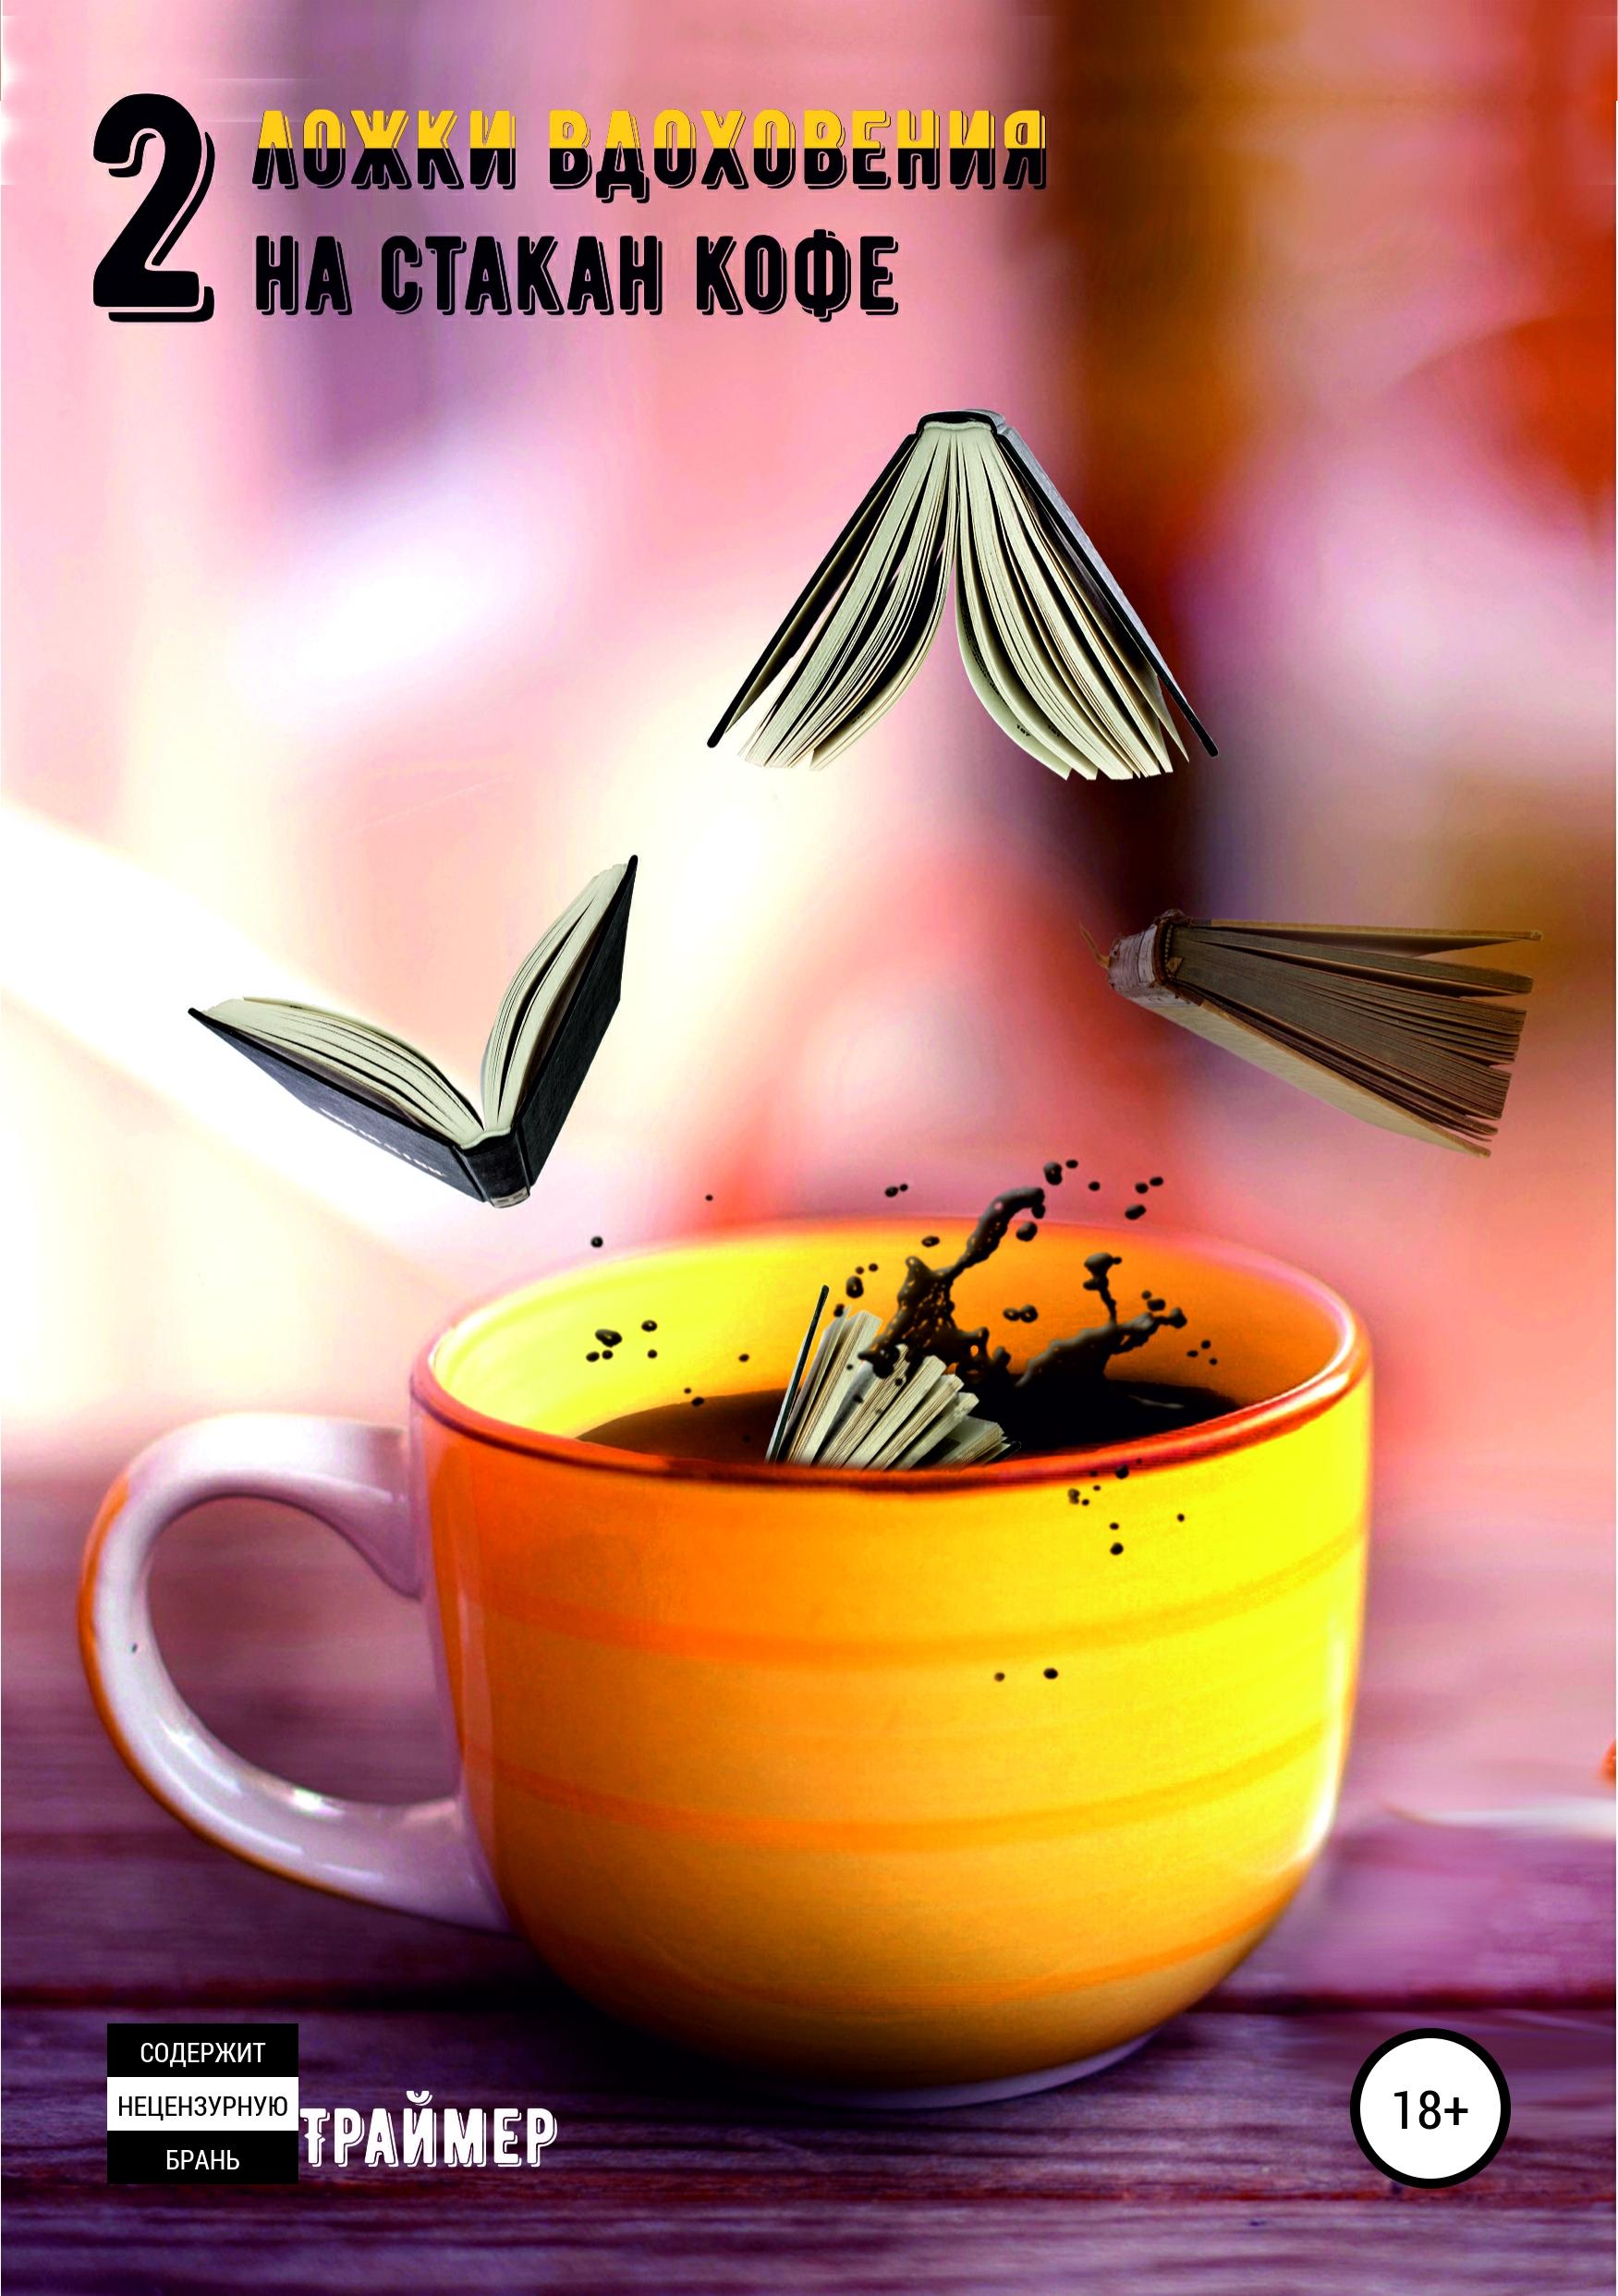 Две ложки вдохновения на стакан кофе